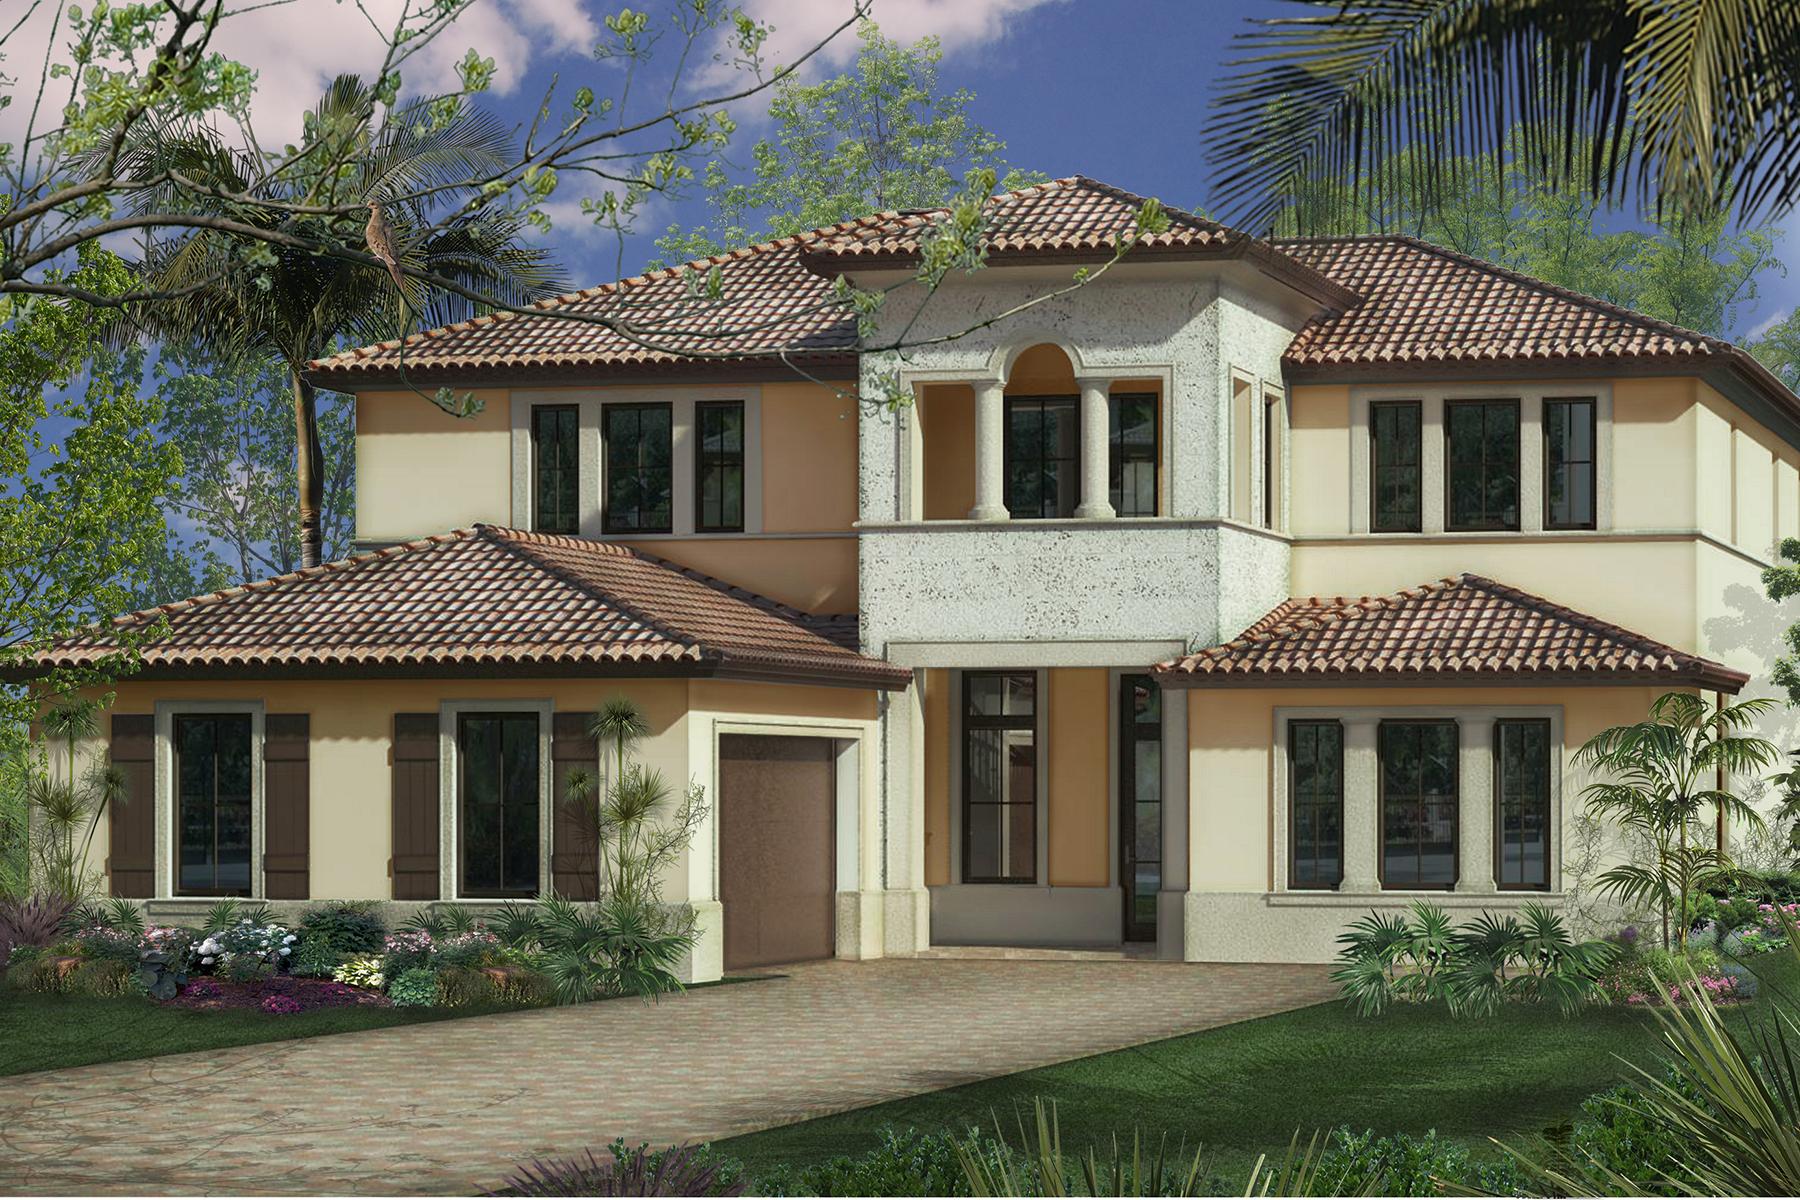 獨棟家庭住宅 為 出售 在 Naples 2101 Modena Ct Naples, 佛羅里達州, 34105 美國